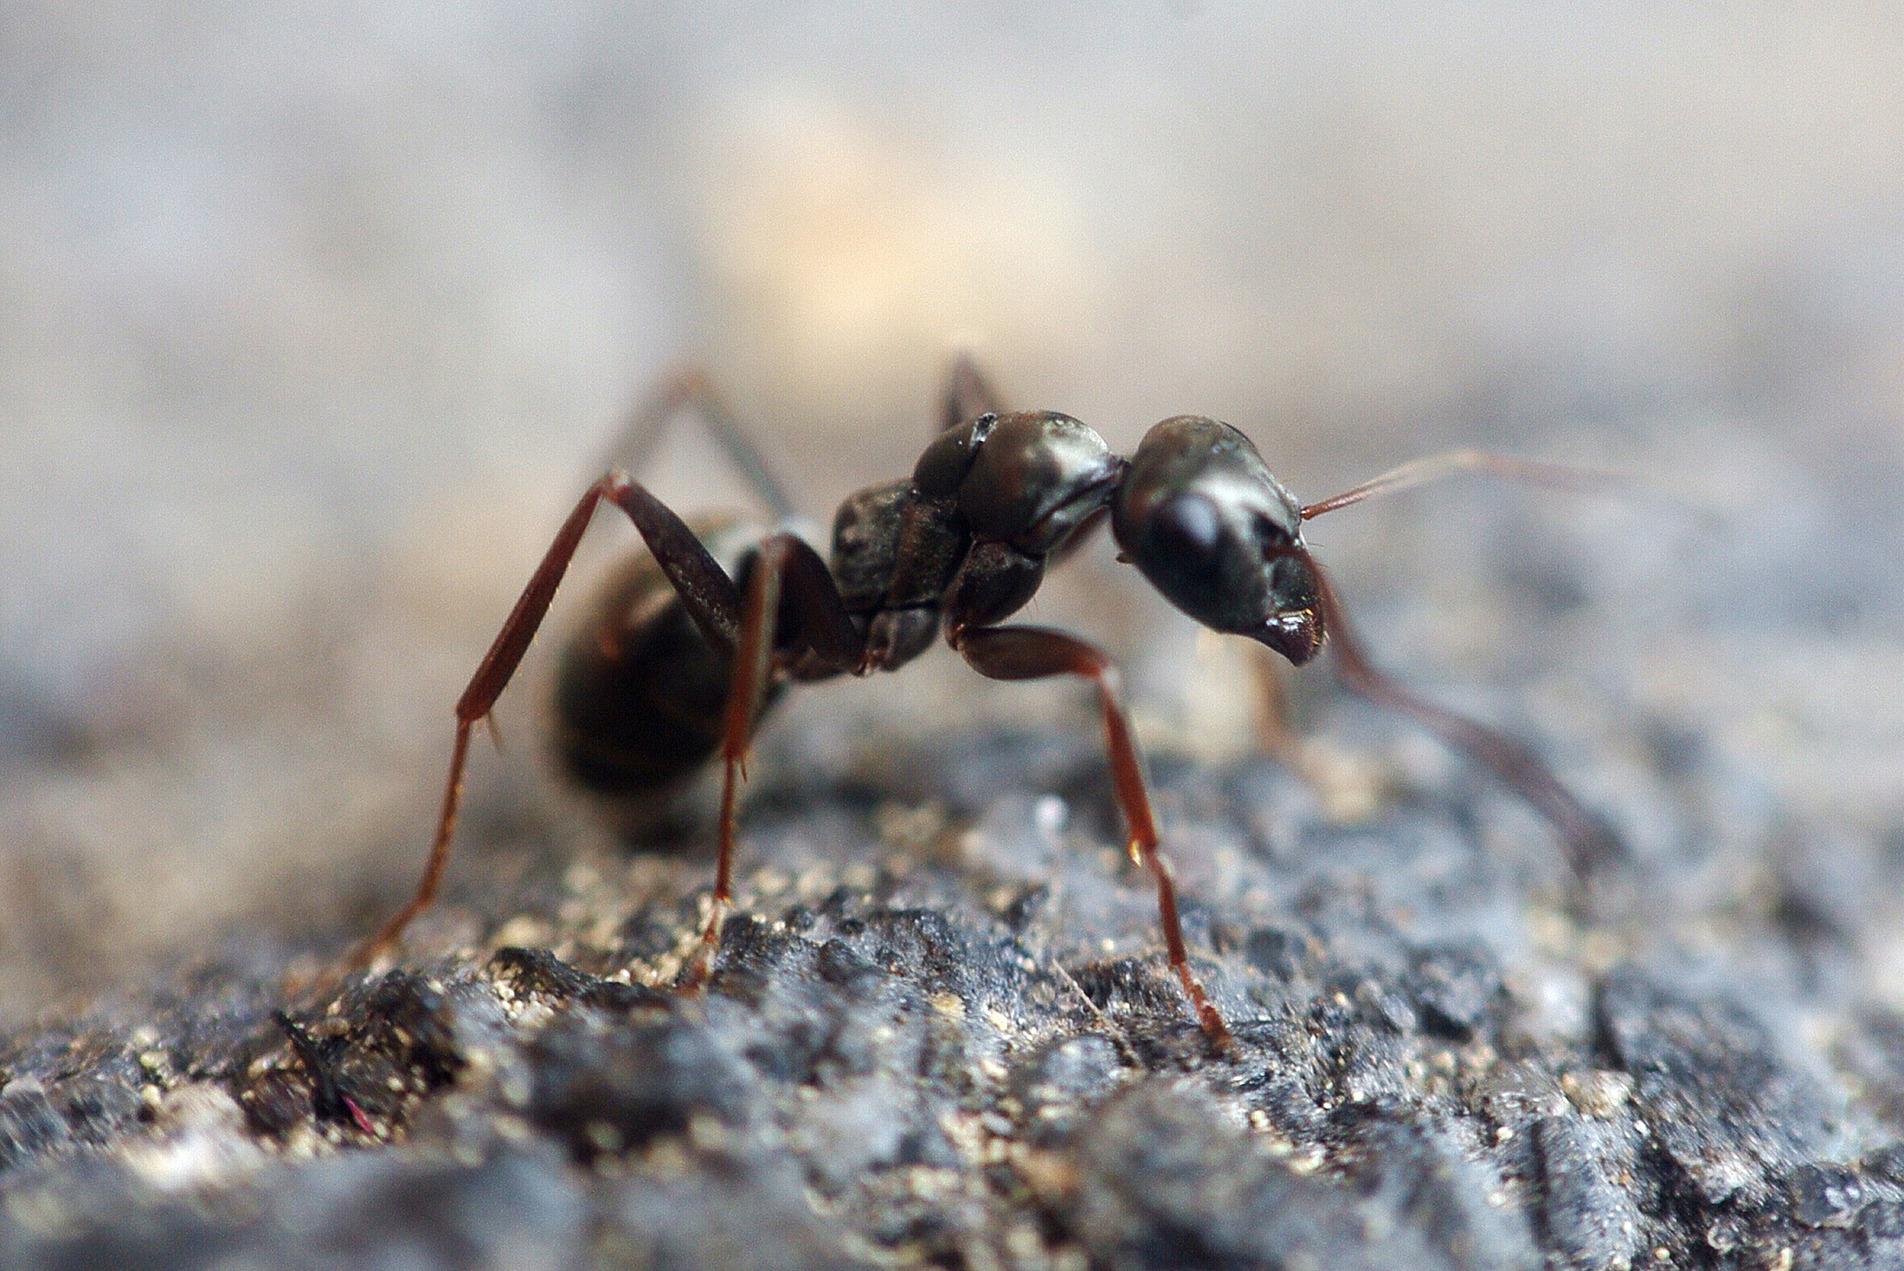 Cómo evitar hormigas en casa